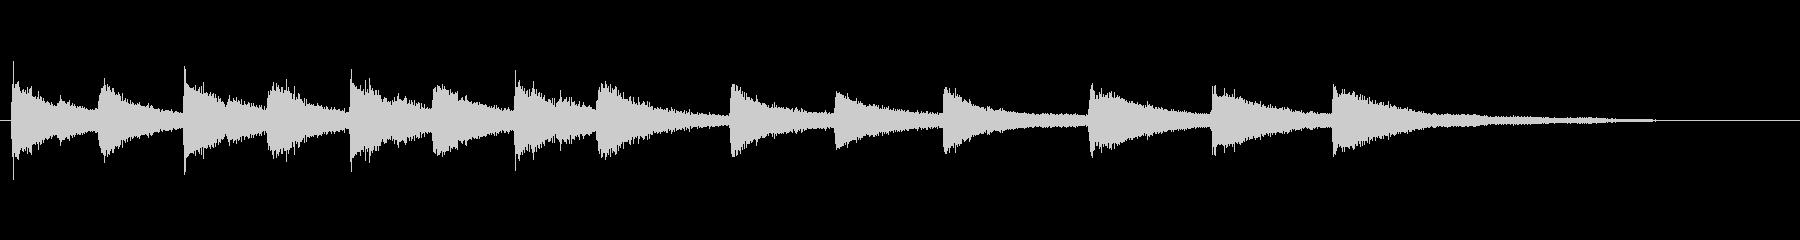 教会の鐘-メロディーをノック-ヒッ...の未再生の波形